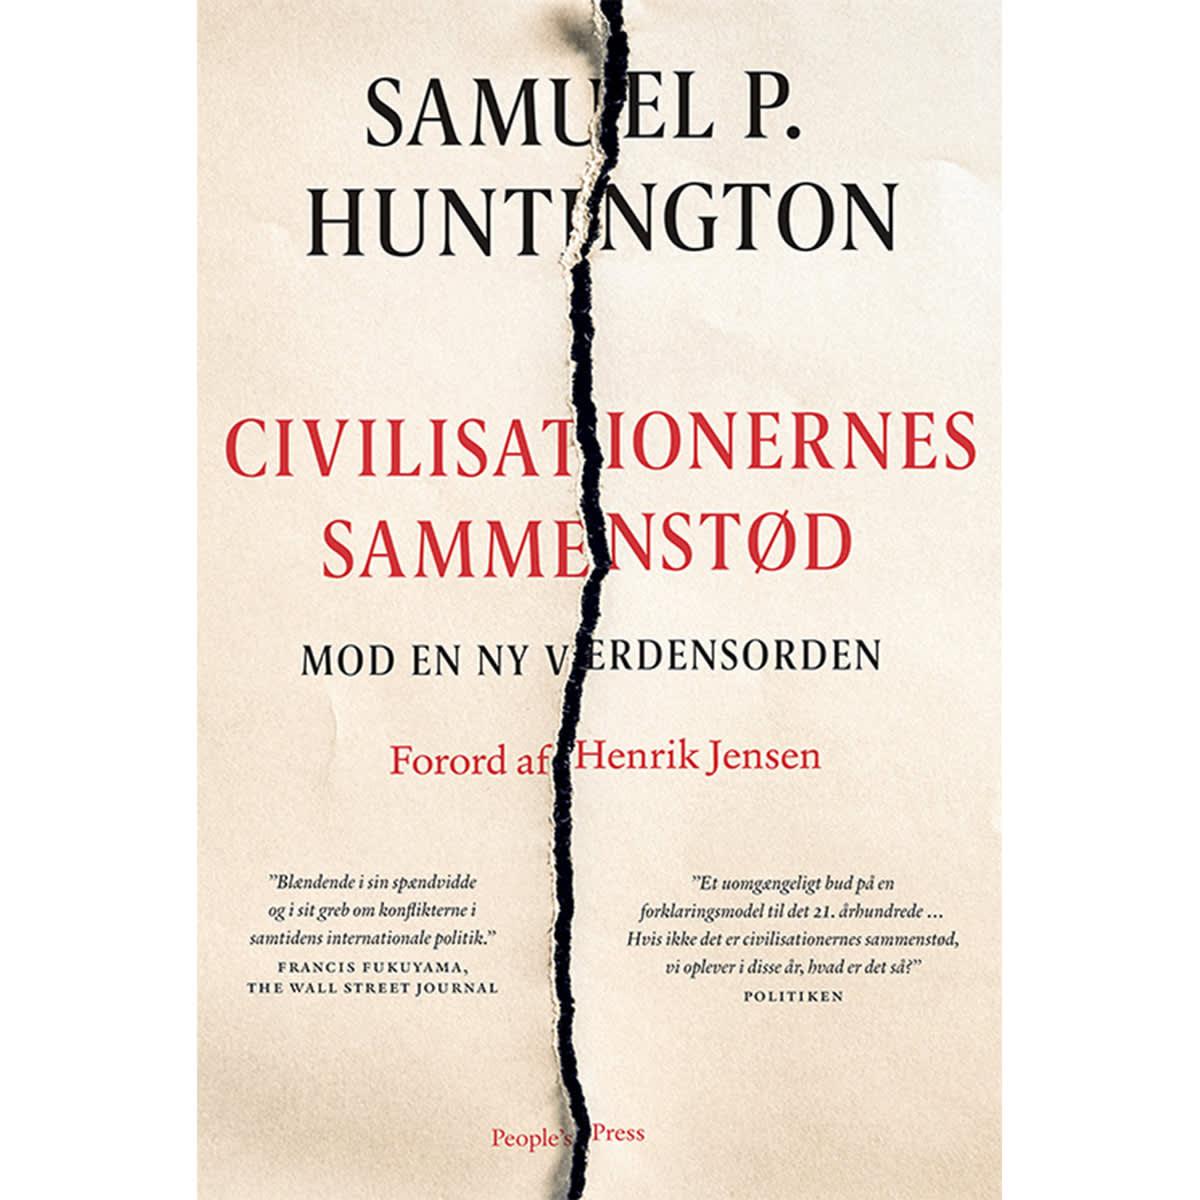 Af Samuel P. Huntington